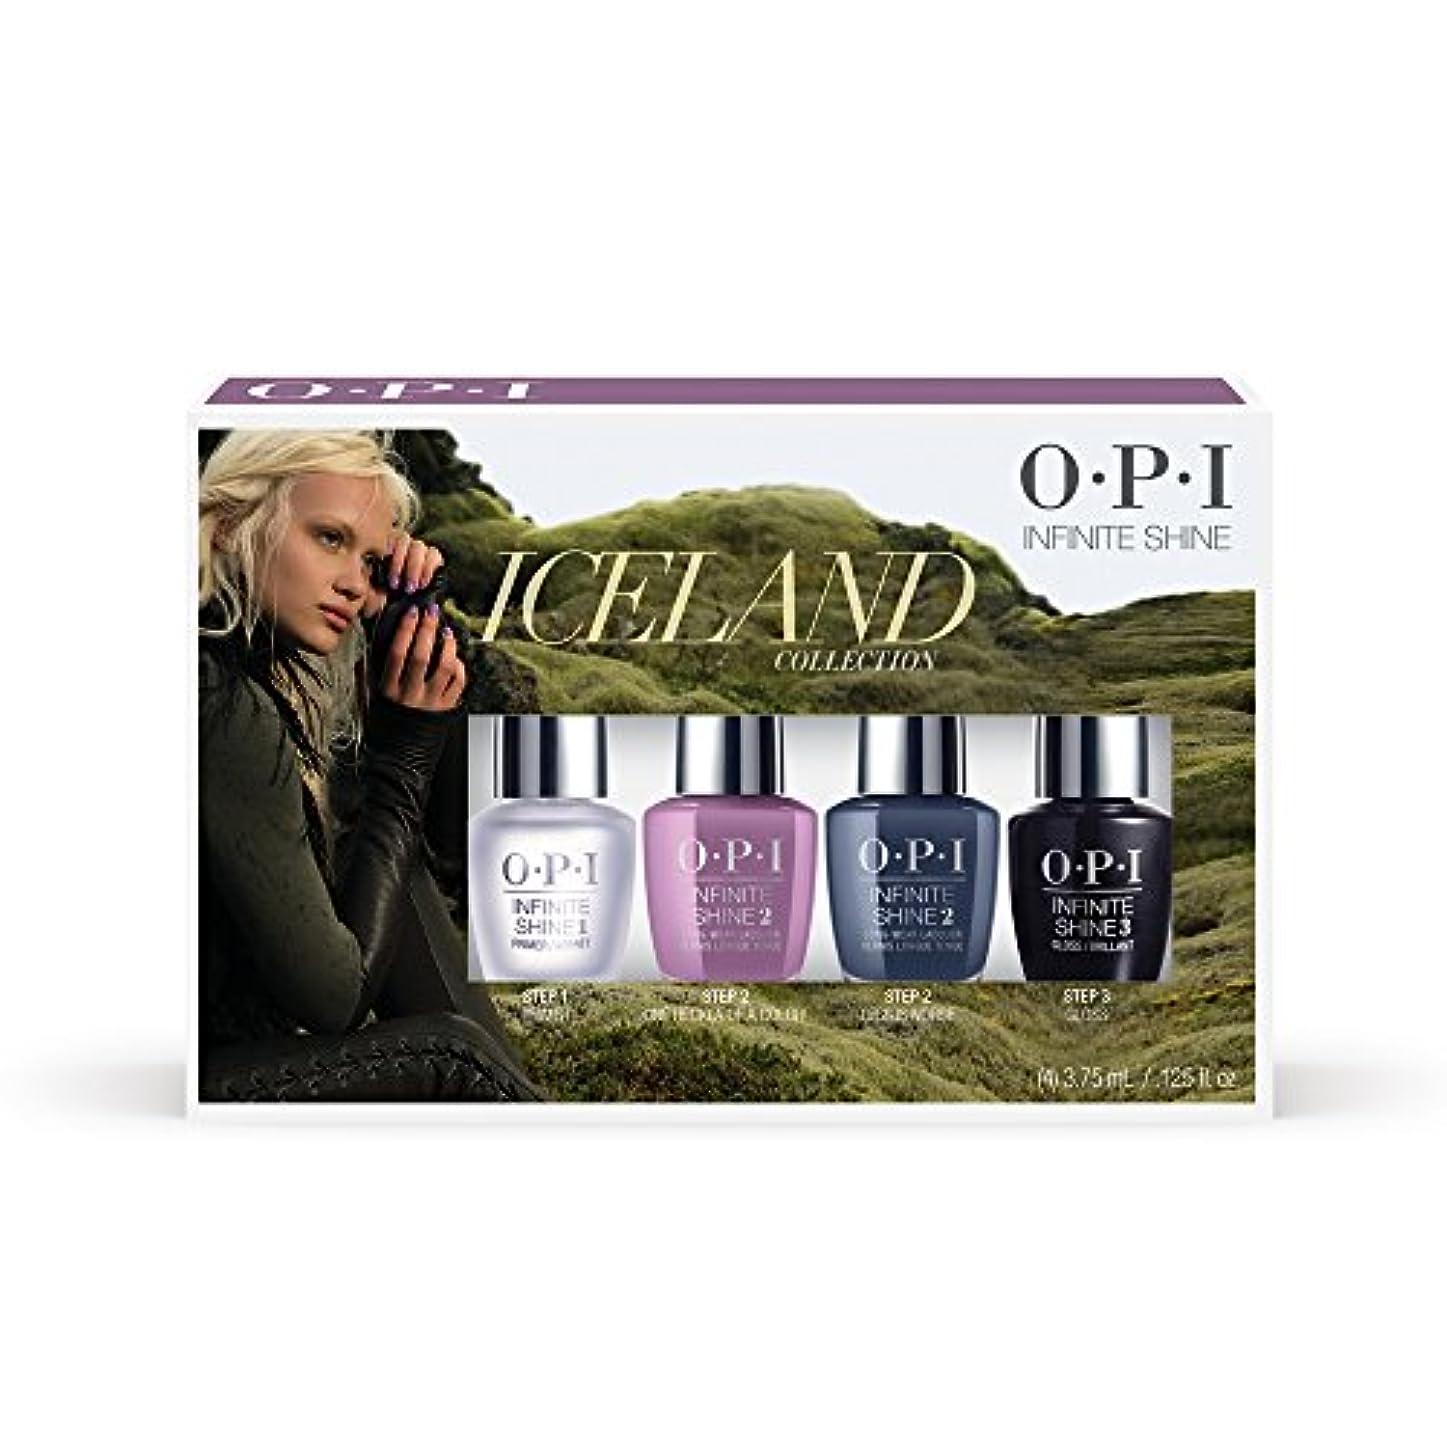 モザイク重要な永遠のOPI(オーピーアイ) アイスランド コレクション インフィニット シャイン ミニパック